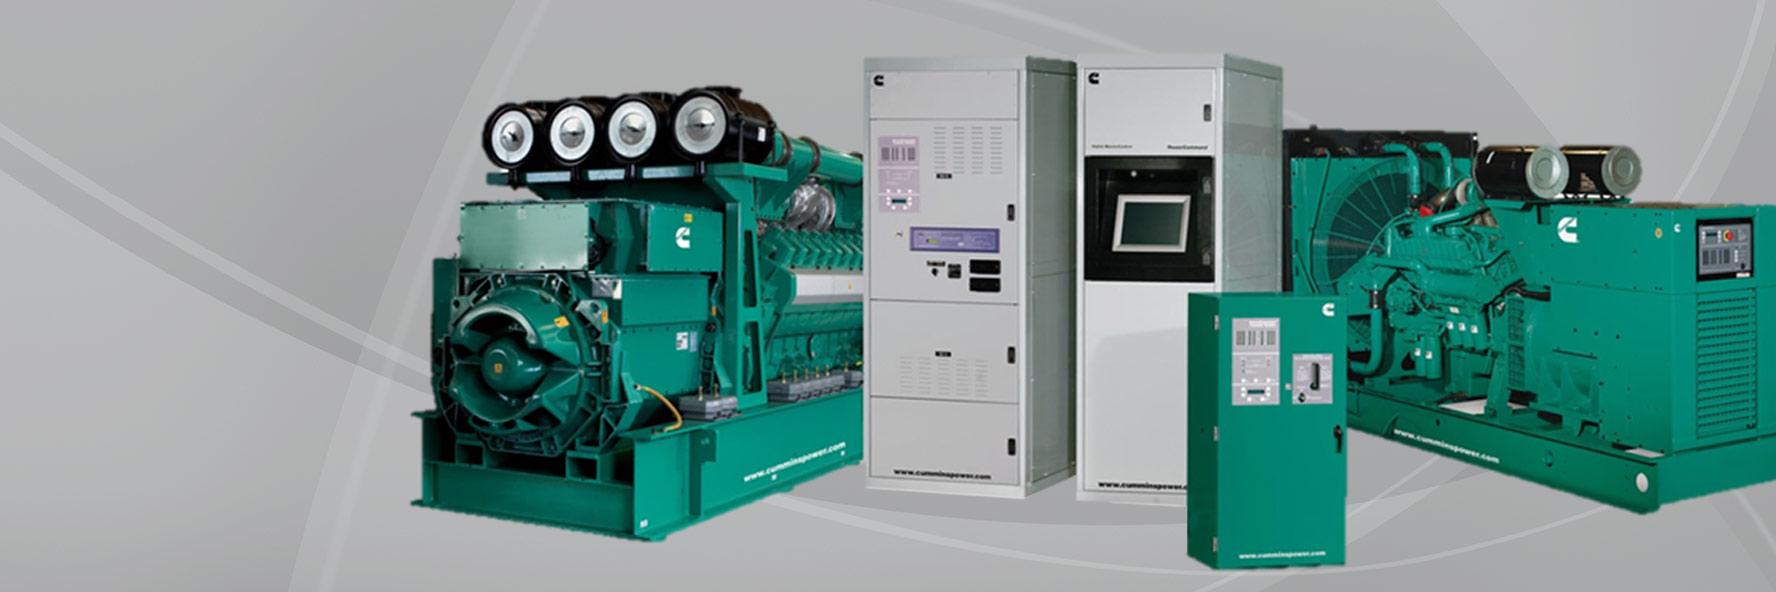 Công ty bán máy phát điện uy tín tại Hà Nội